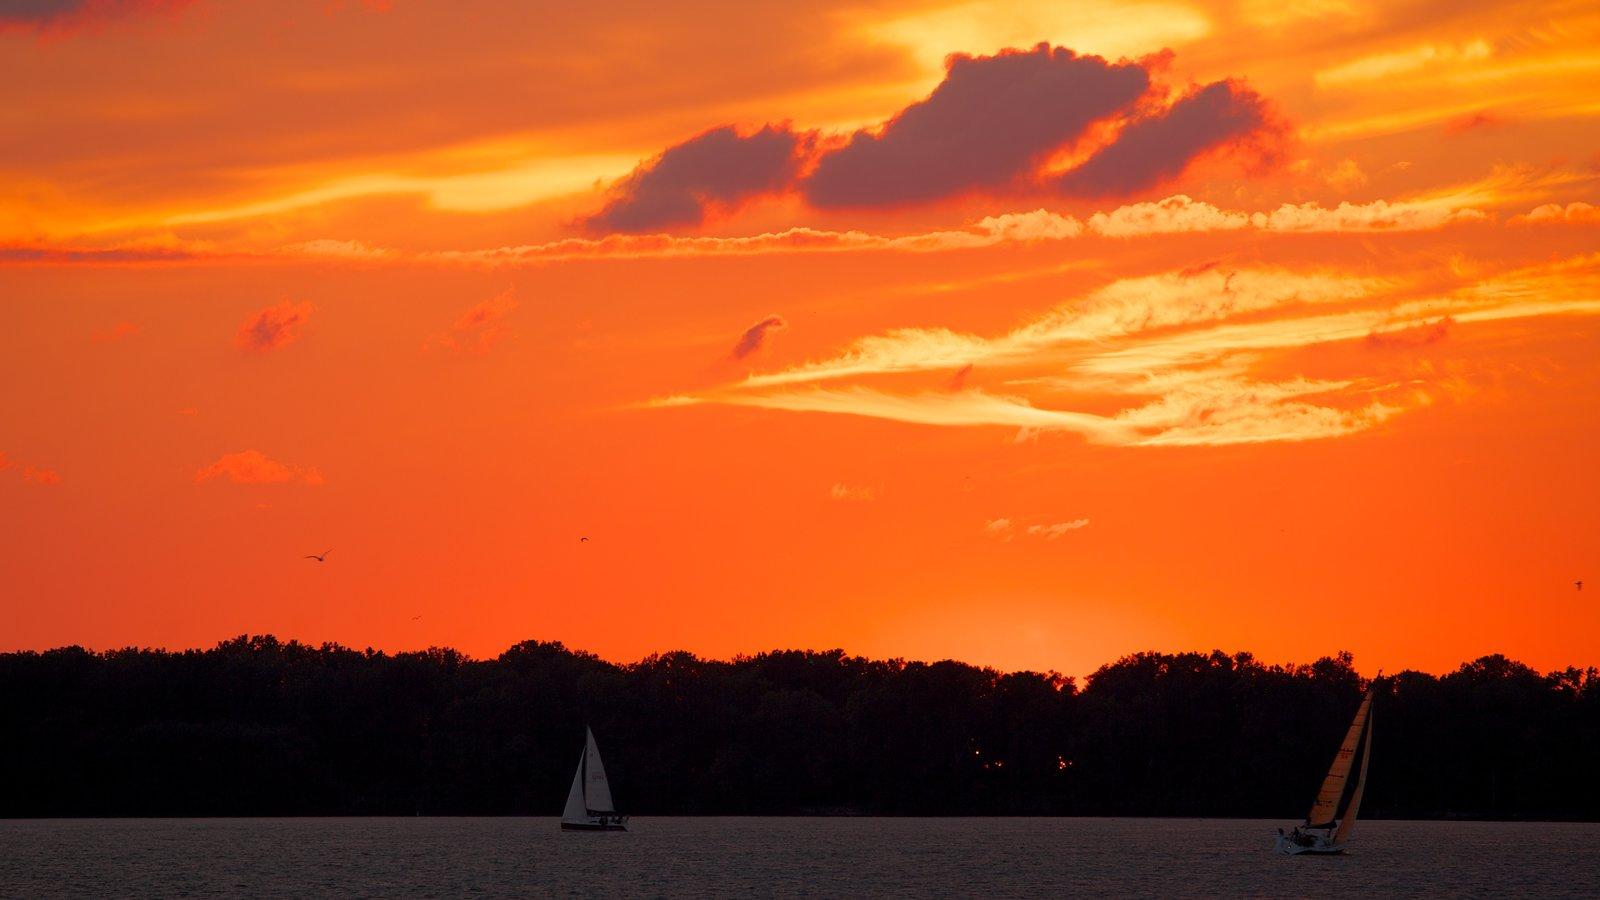 Erie mostrando vela, um lago ou charco e um pôr do sol